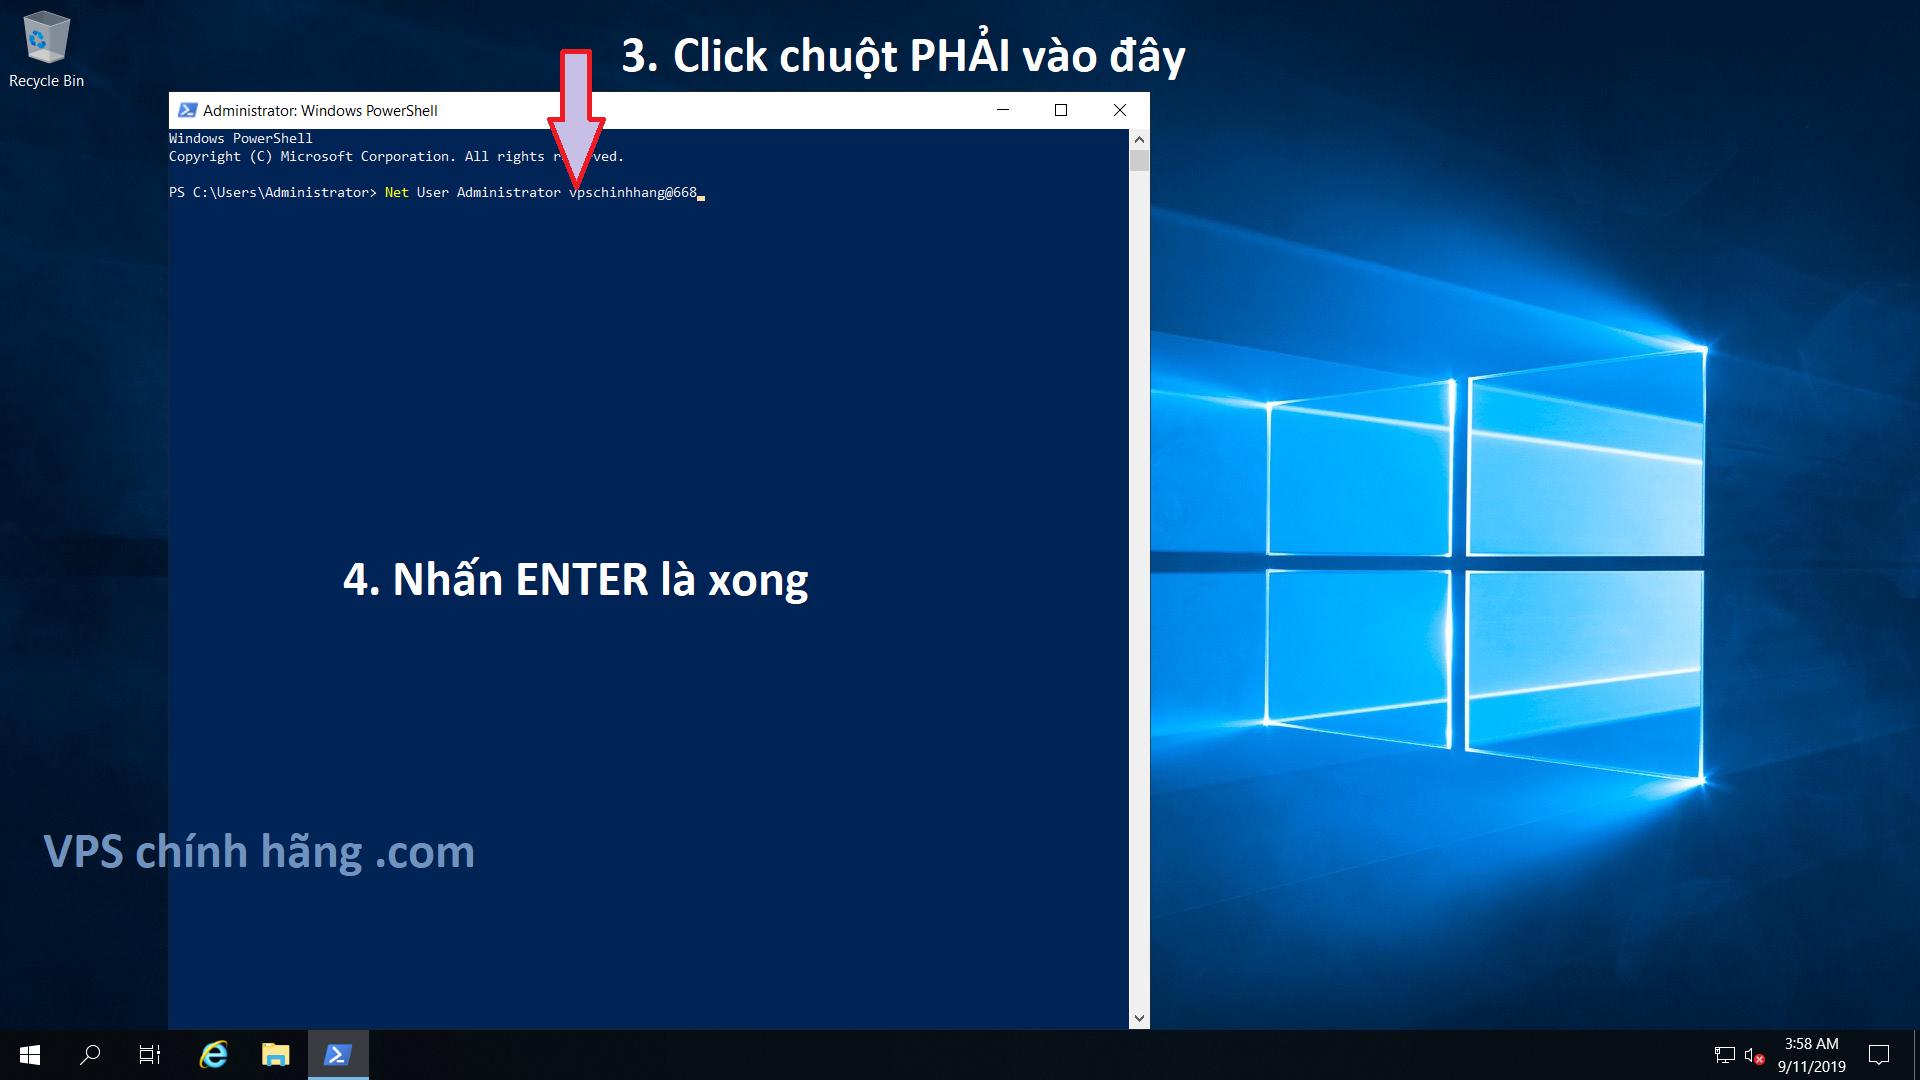 Cách đổi mật khẩu VPS, đổi Password VPS nhanh nhất bằng lệnh CMD